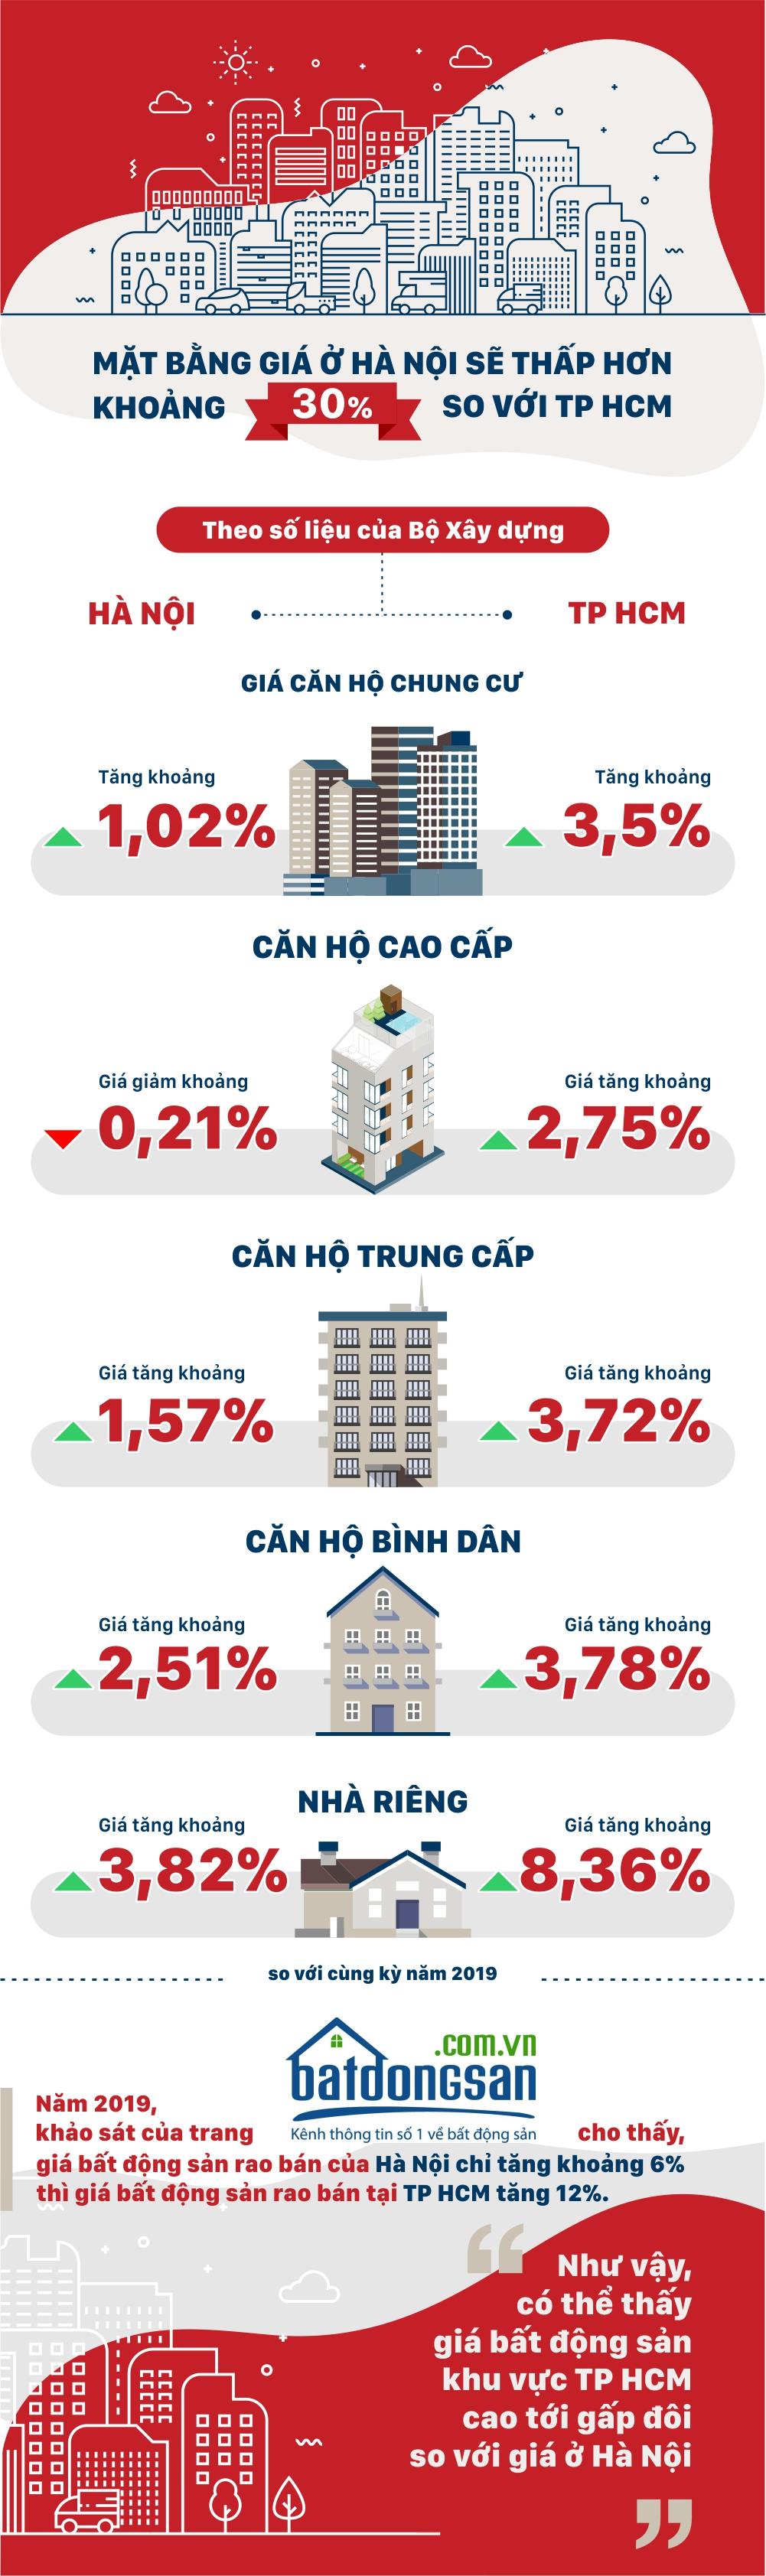 Mặt bằng giá nhà ở Hà Nội sẽ thấp hơn khoảng 30% so với TP HCM - Ảnh 1.